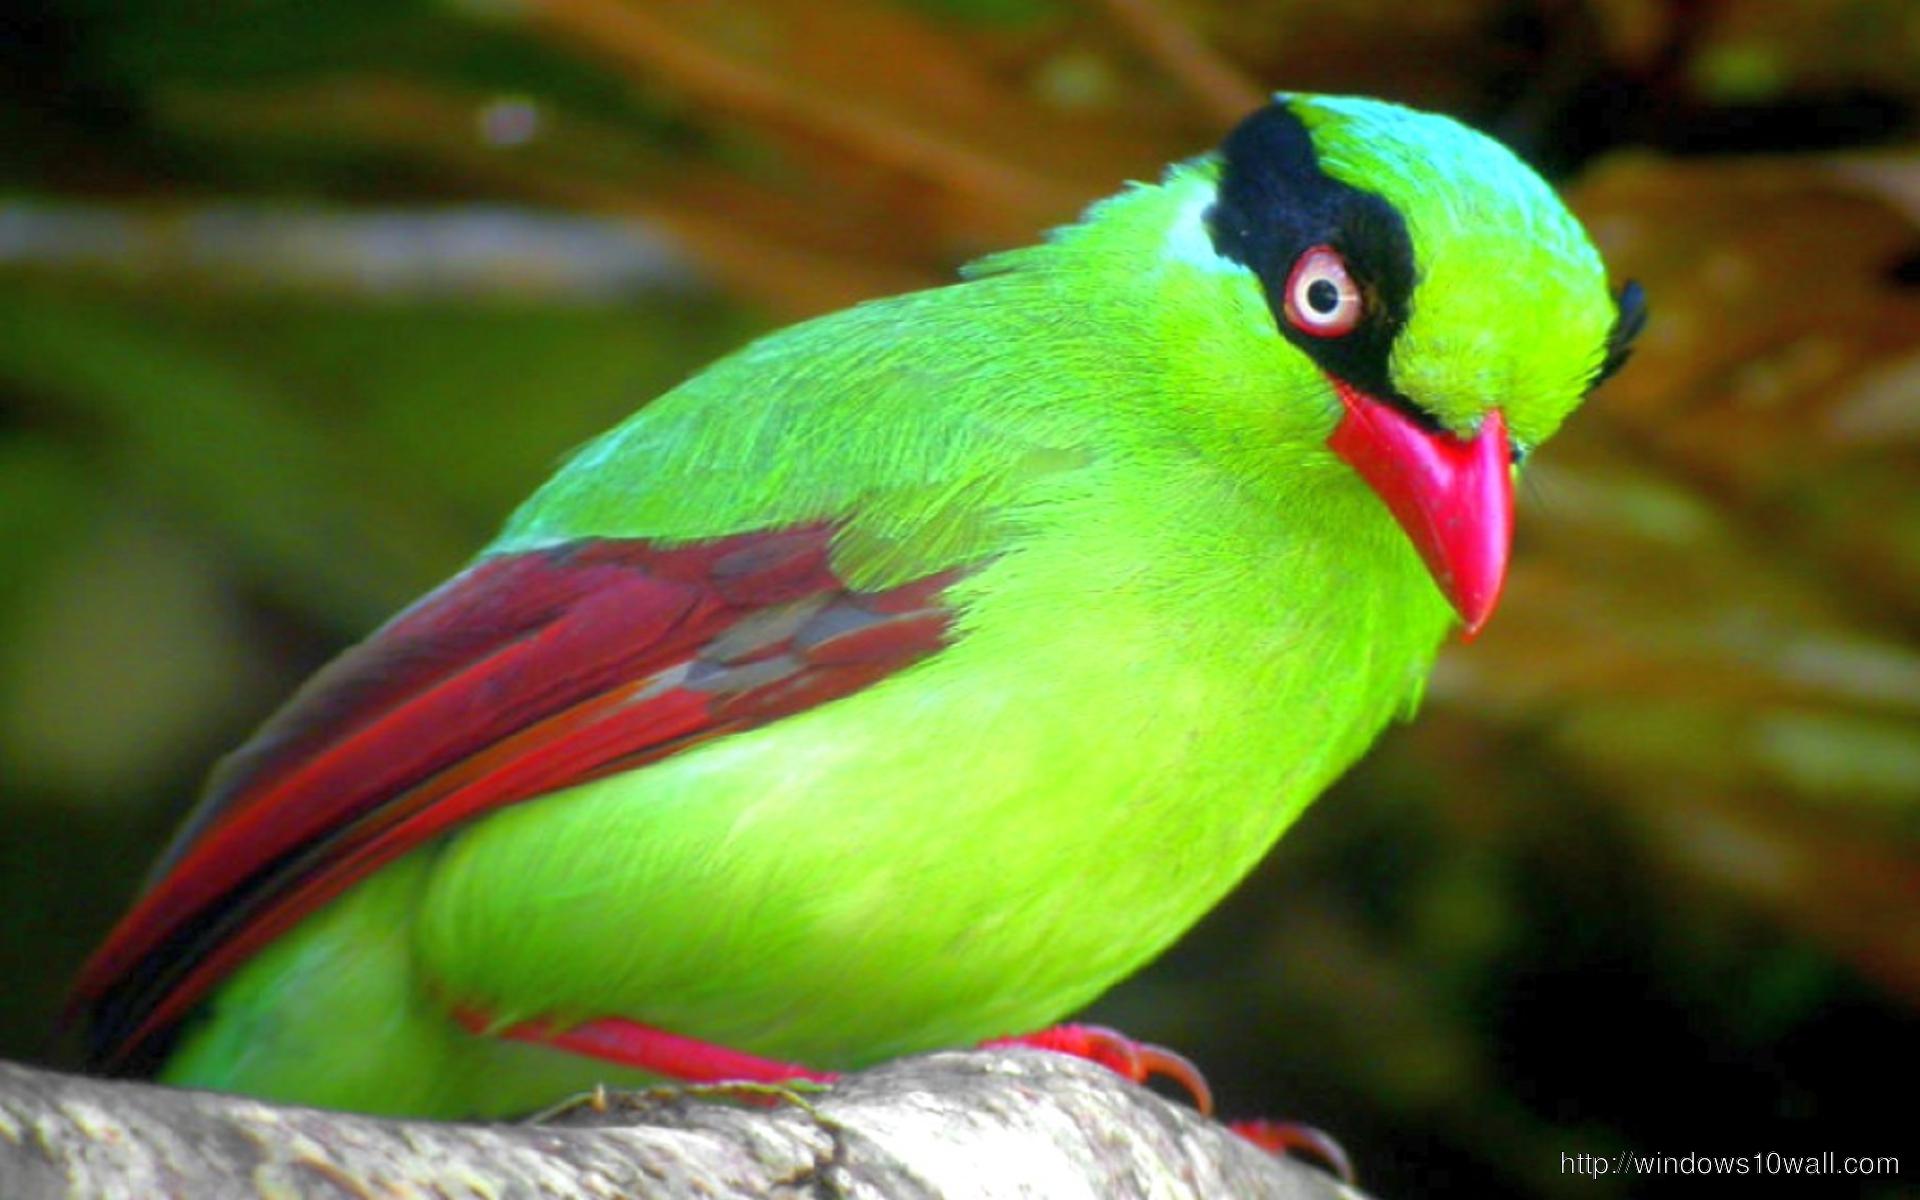 bird-green-beautiful-wallpaper